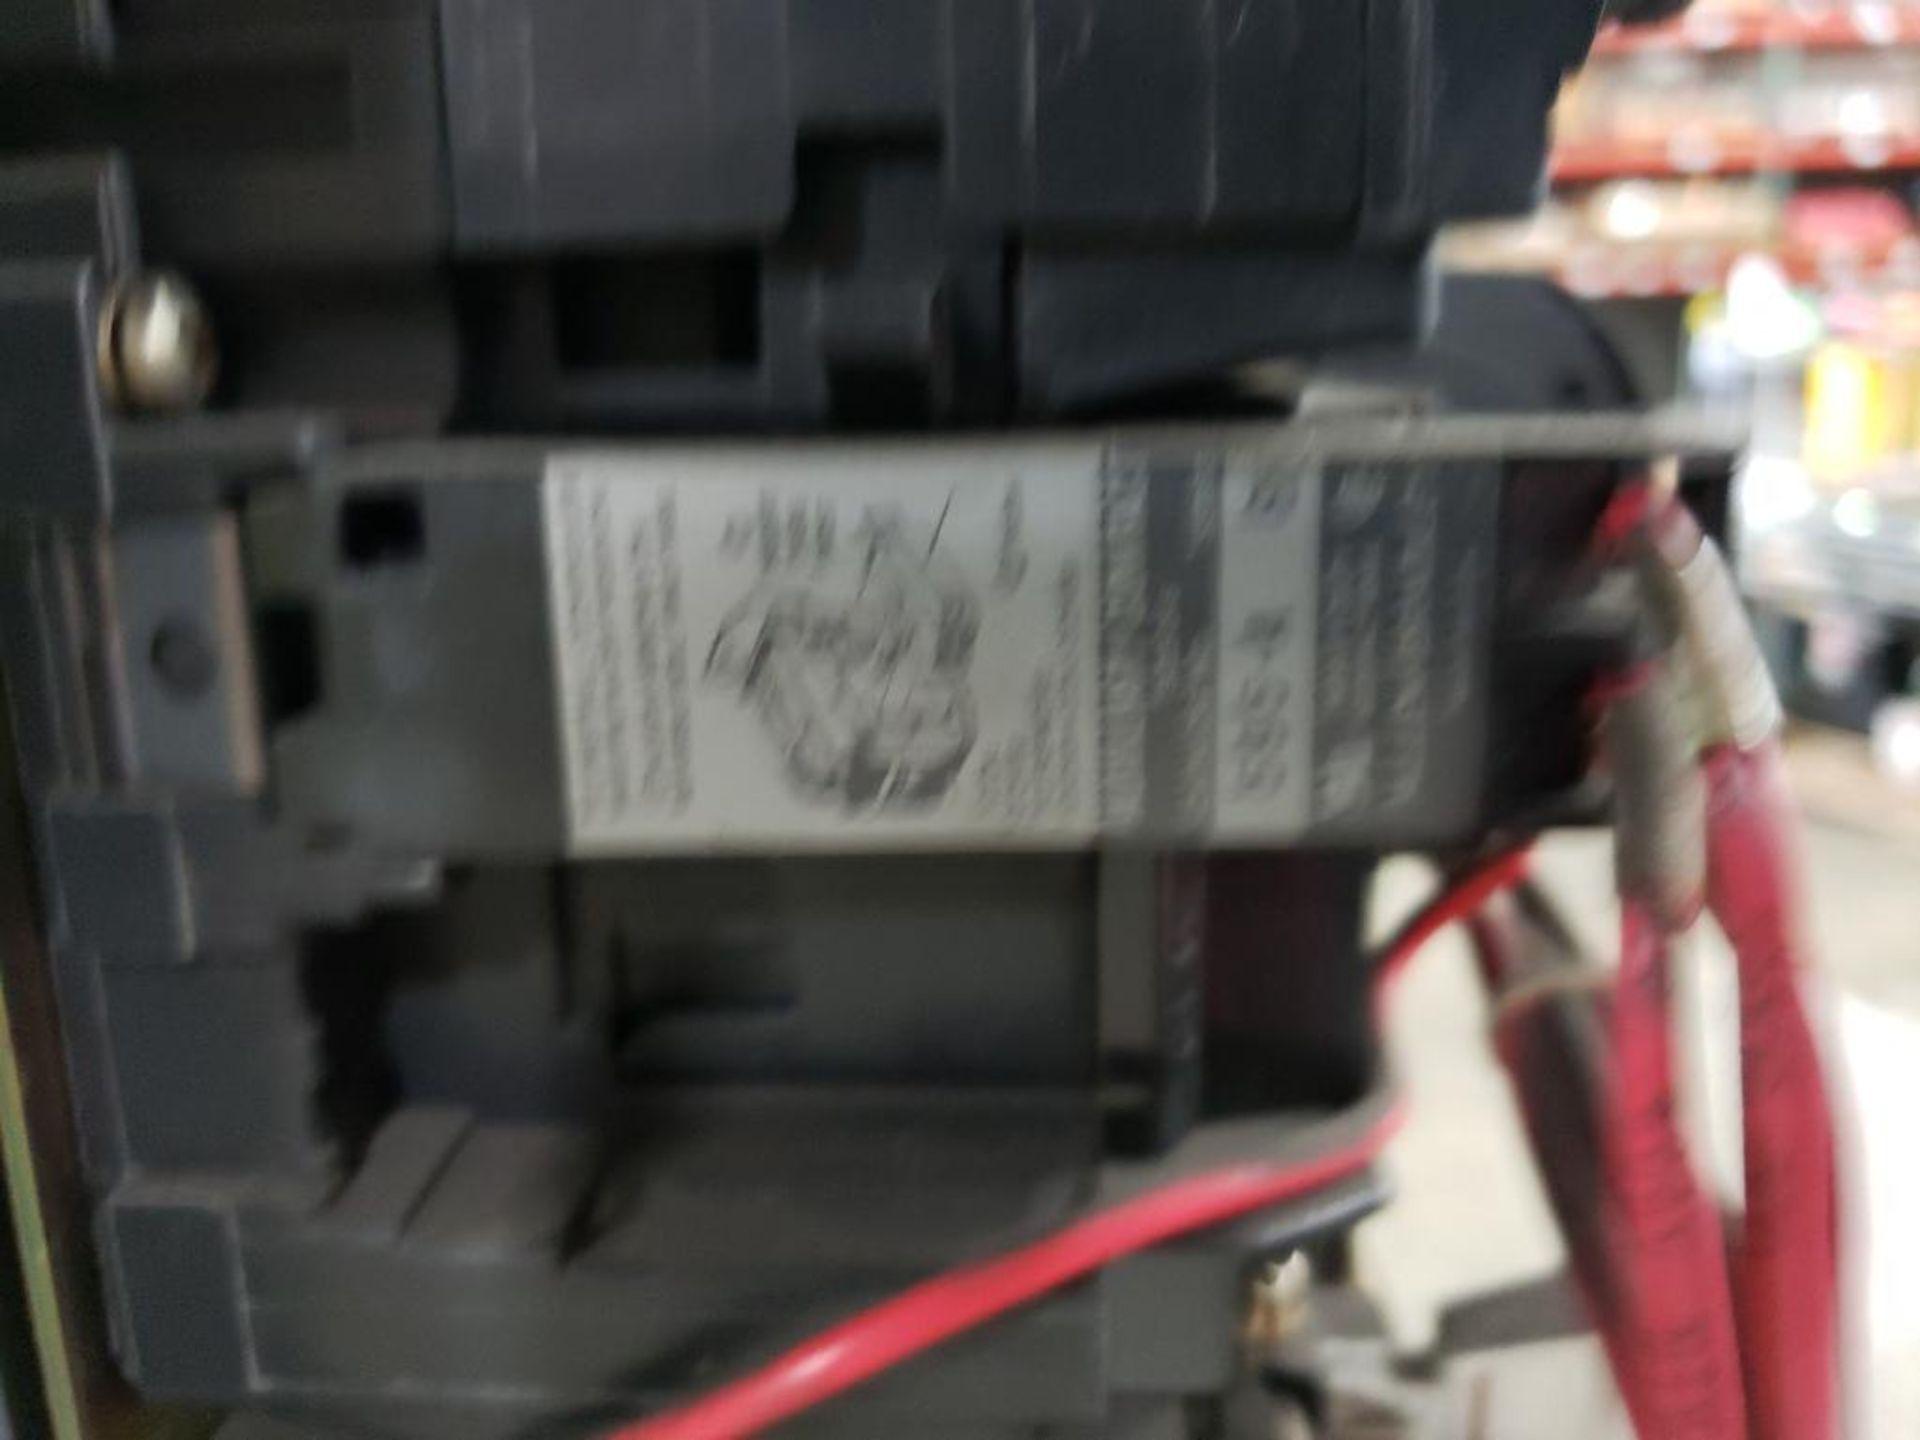 Qty 3 - Allen Bradley Motor Control bucket. 211A-B080-48-24R-41-98. - Image 6 of 8